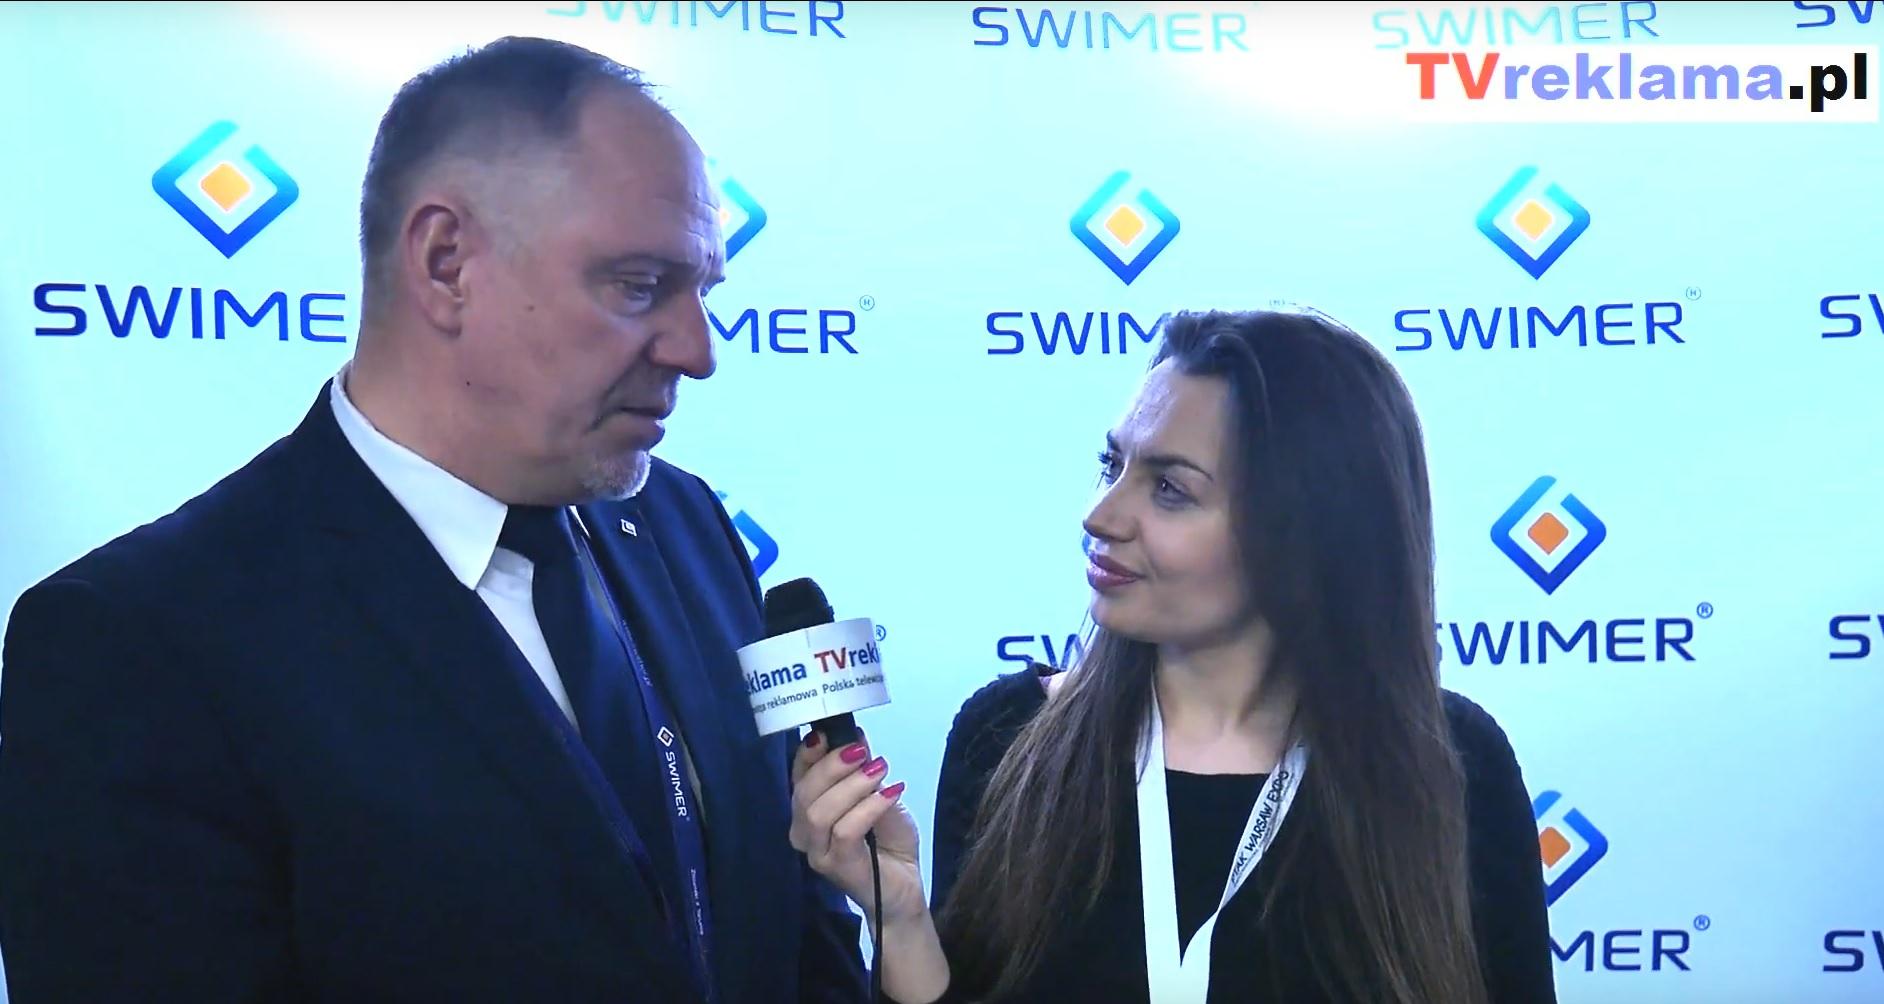 Wywiad z firmą Swimer